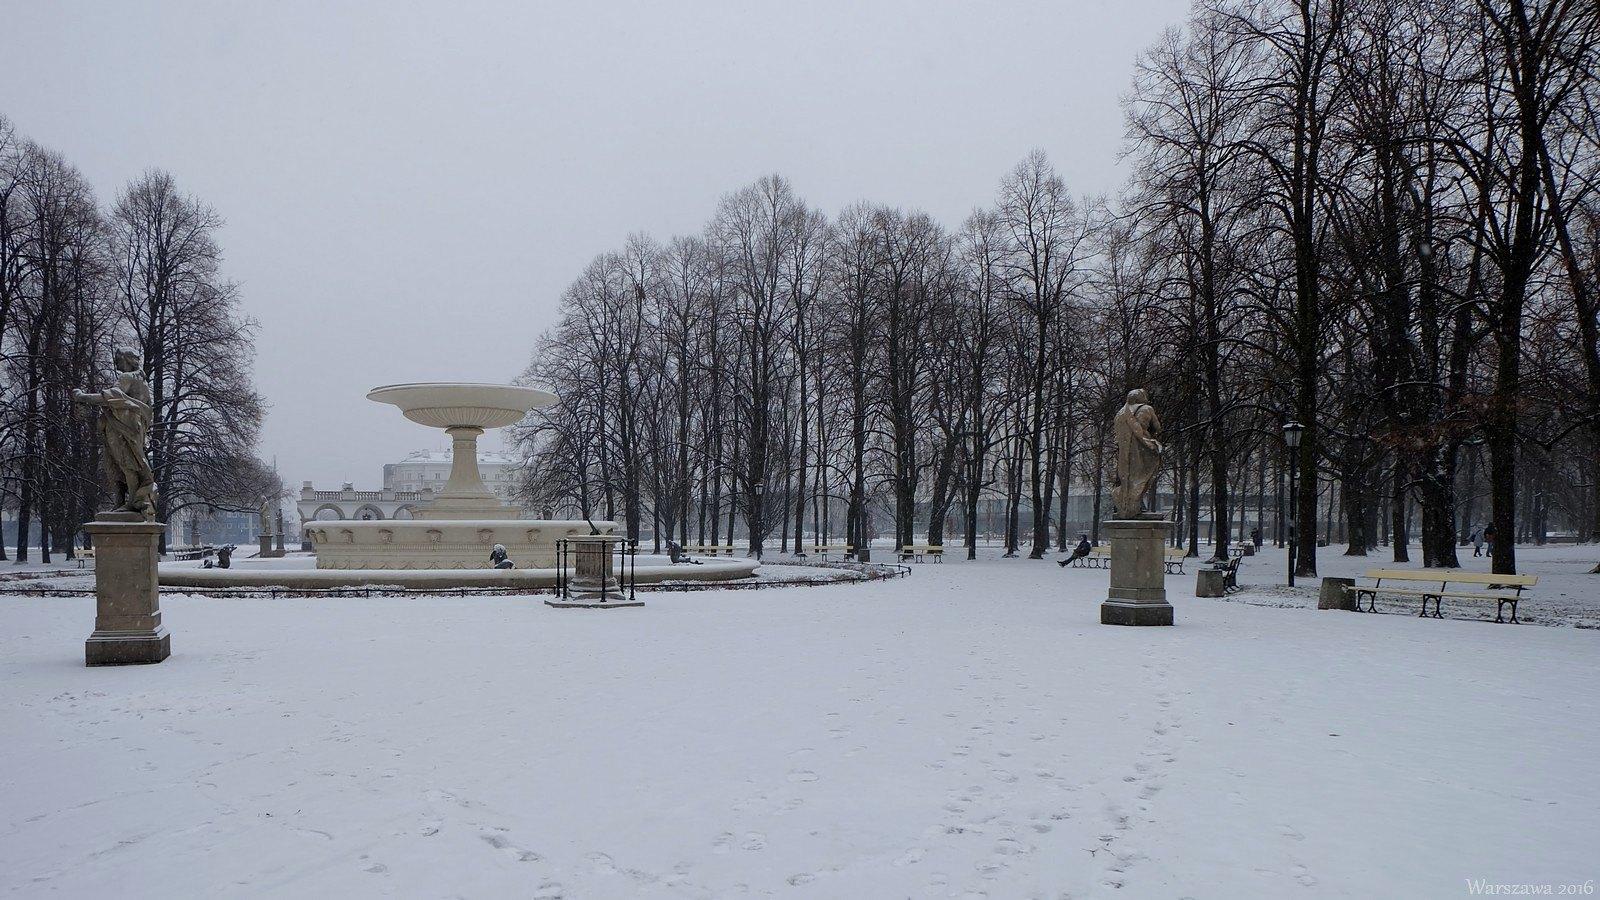 Ogrod Saski, Warszawa, Poland